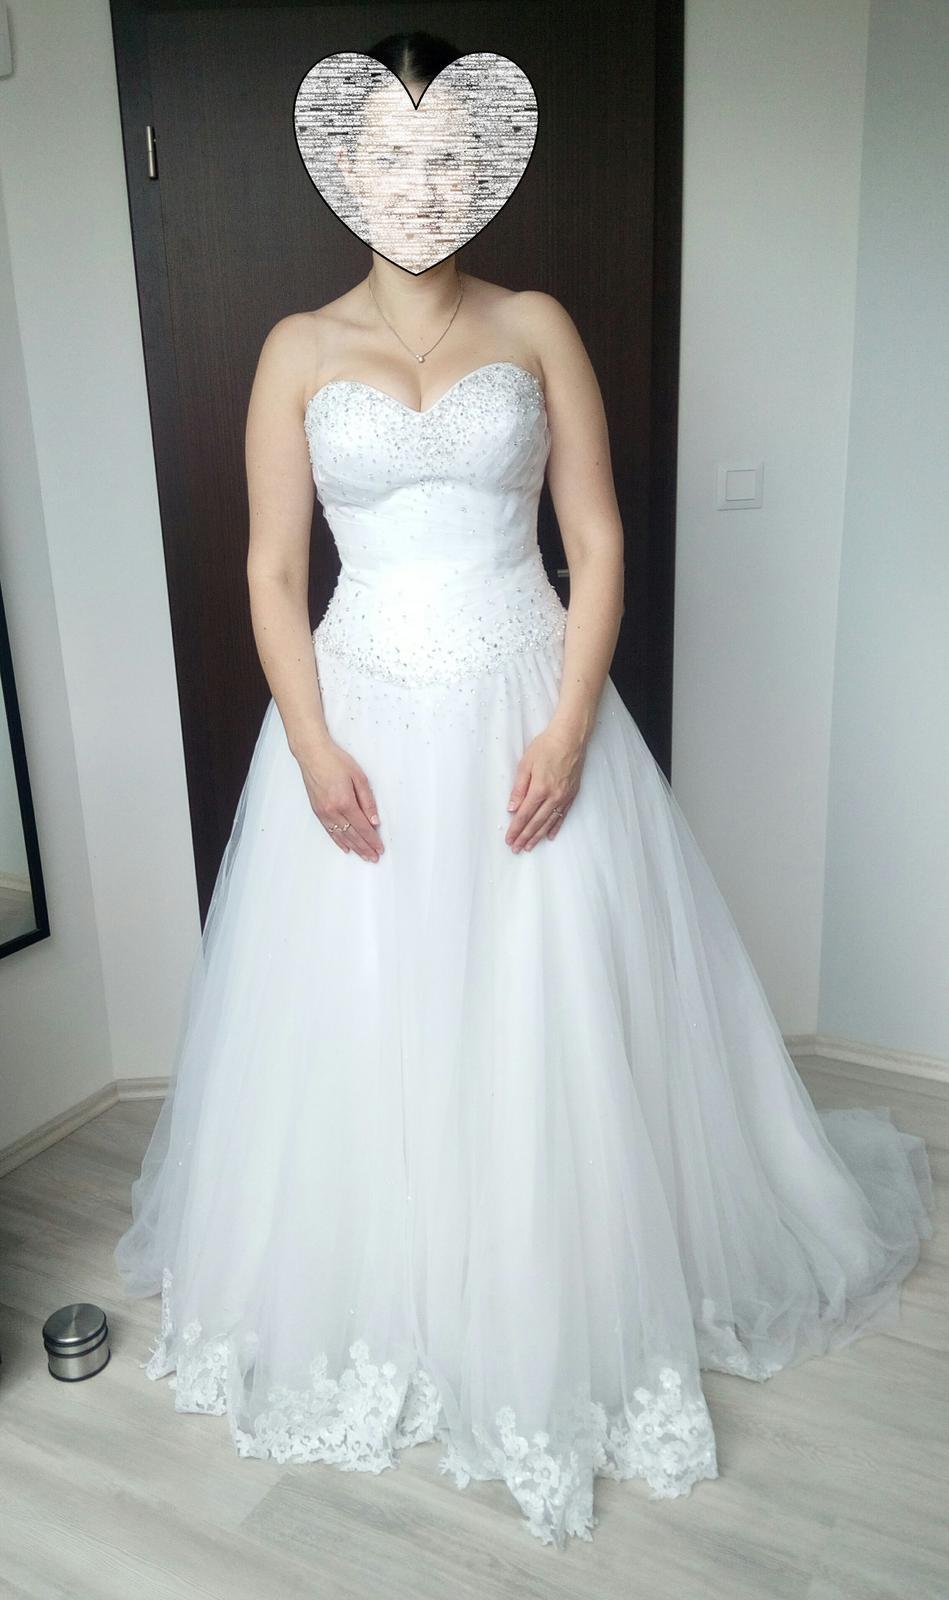 Svatební šaty sněhově bílé, vel. 38-42 - Obrázok č. 1